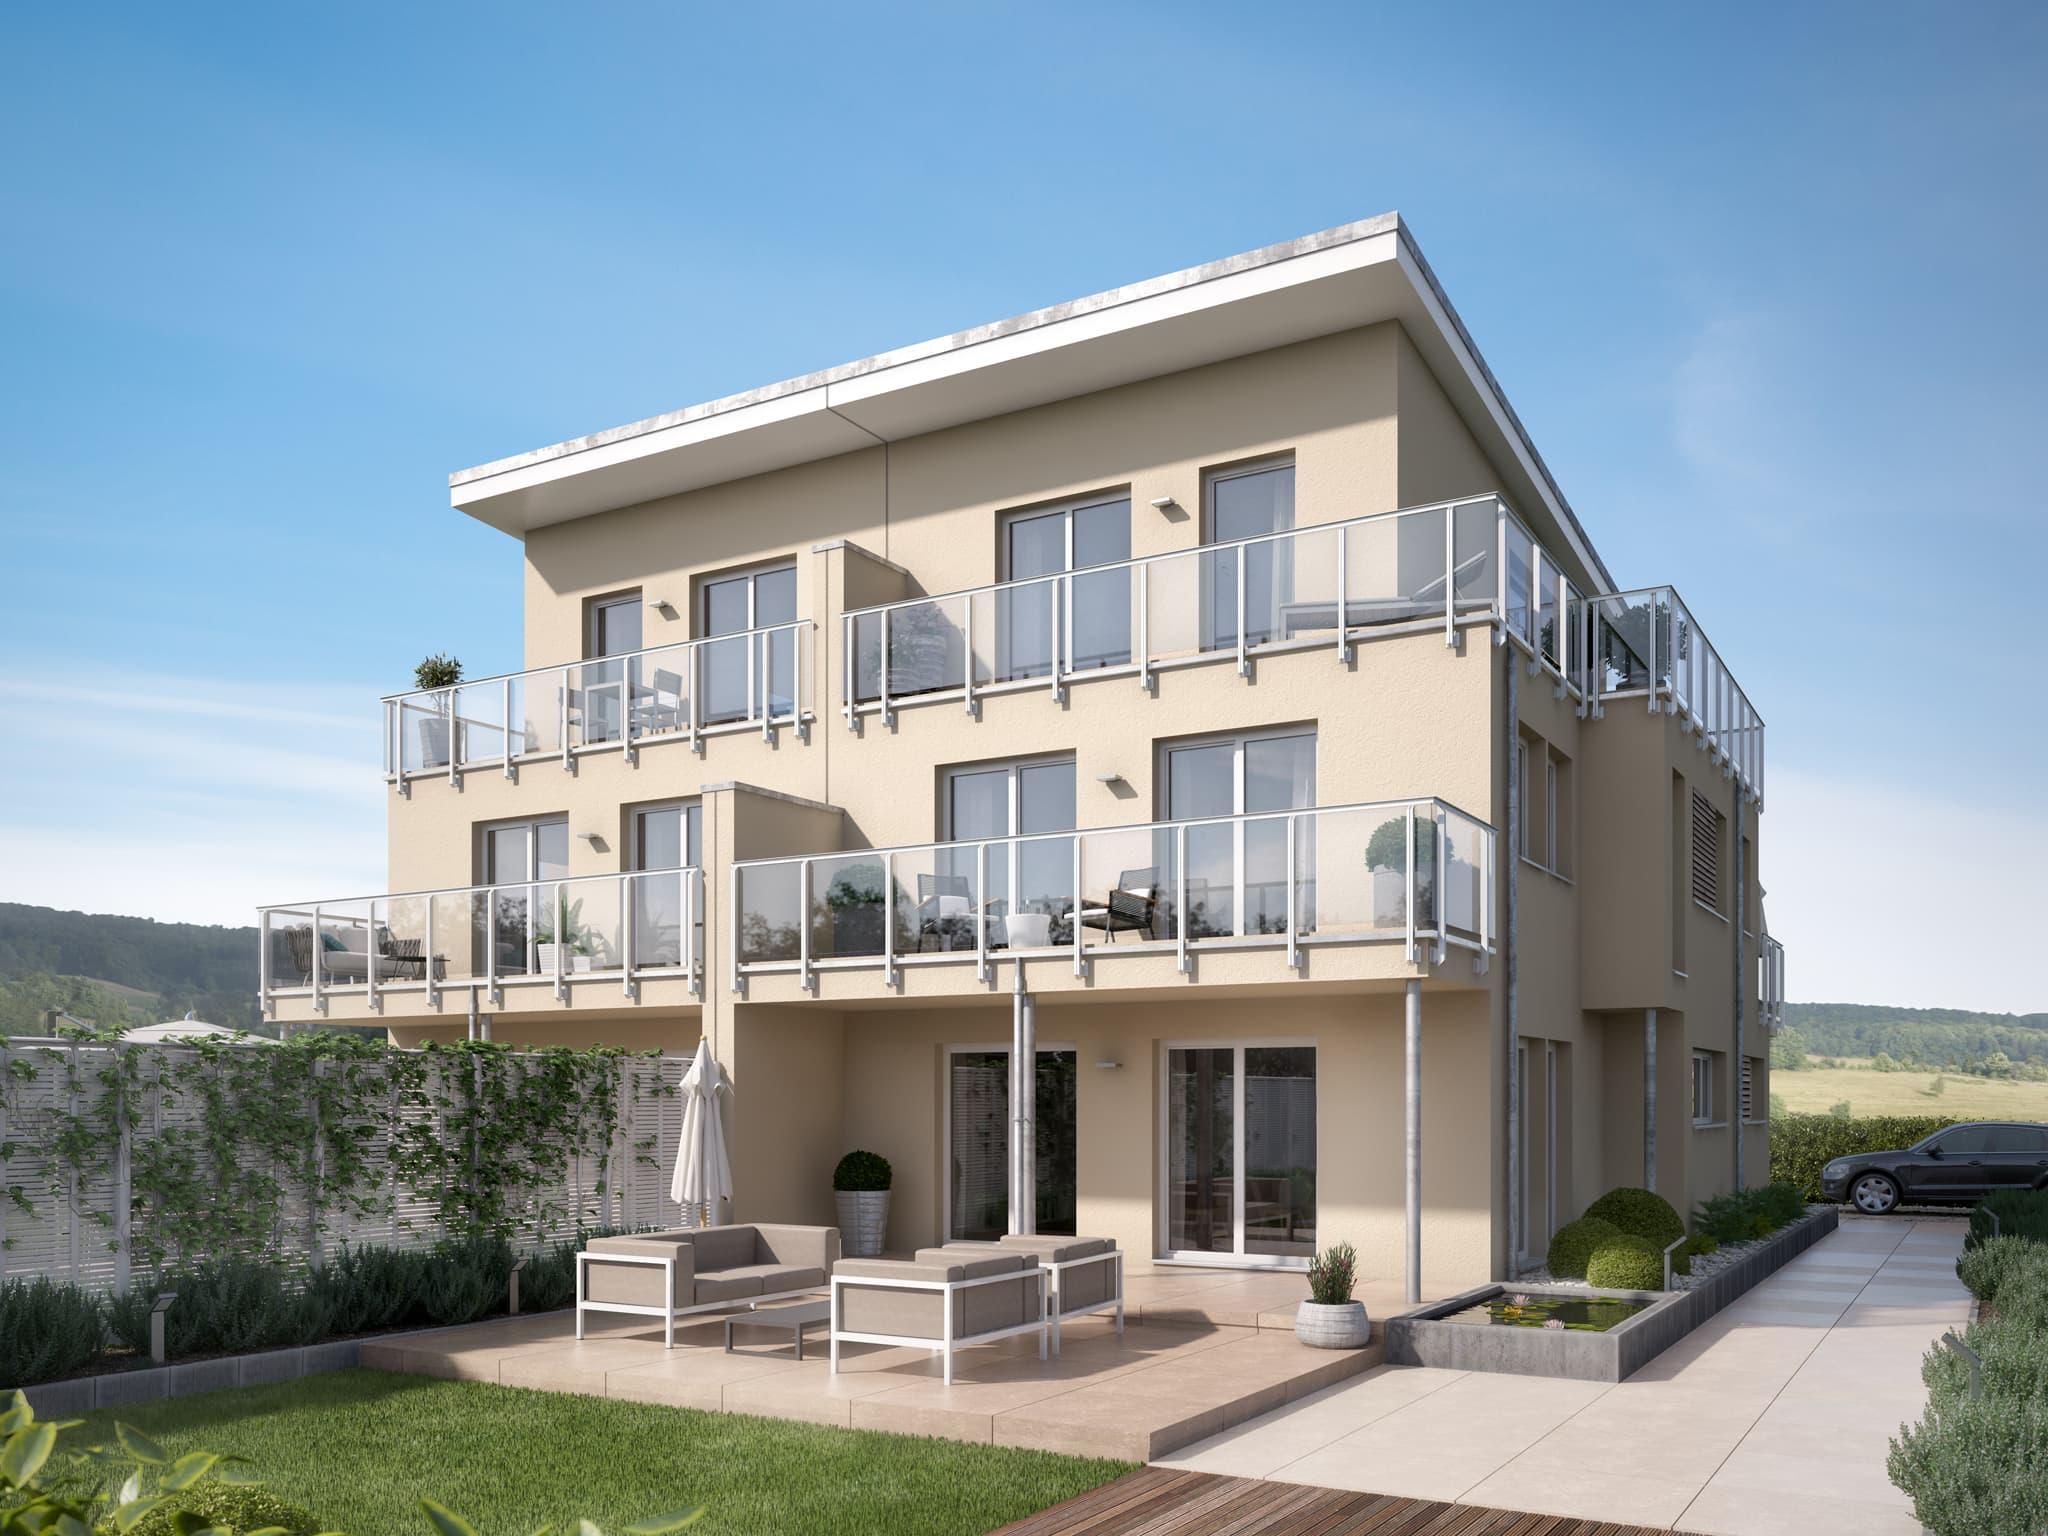 Modernes Doppelhaus mit Pultdach & Balkon, 6 Zimmer Grundriss, 190 qm - Fertighaus Bien Zenker CELEBRATION 139 V5 - HausbauDirekt.de